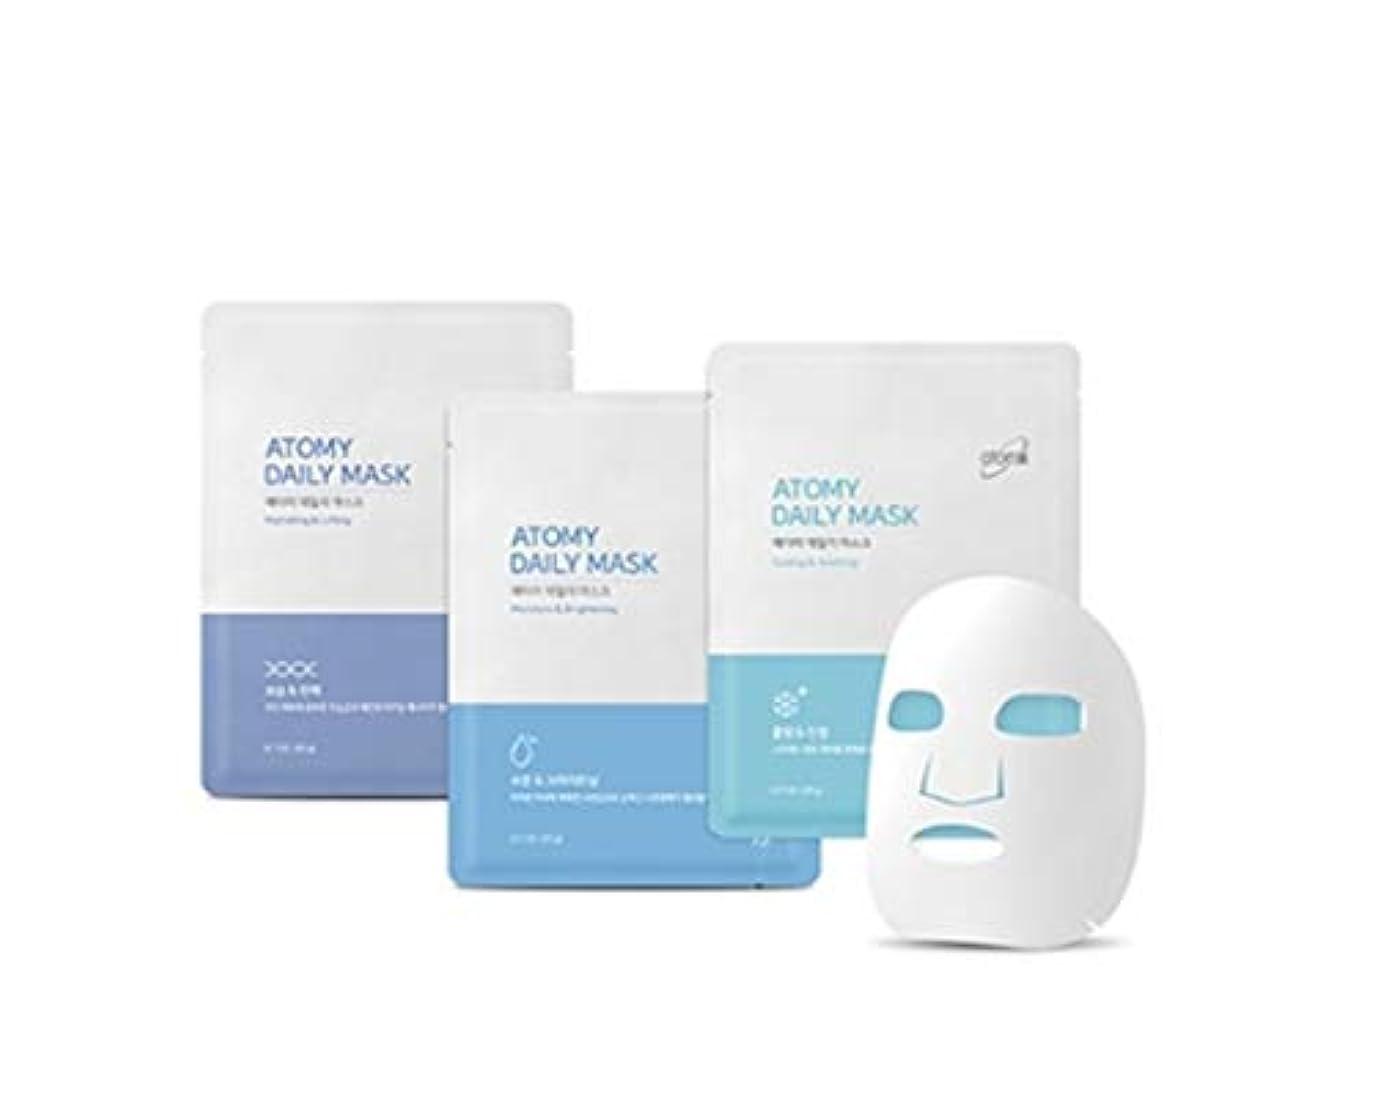 見る人チャレンジ何よりも[NEW] Atomy Daily Mask Sheet 3 Type Combo 30 Pack- Moisture & Brightening,Cooling & Soothing,Moisture & Brightening...